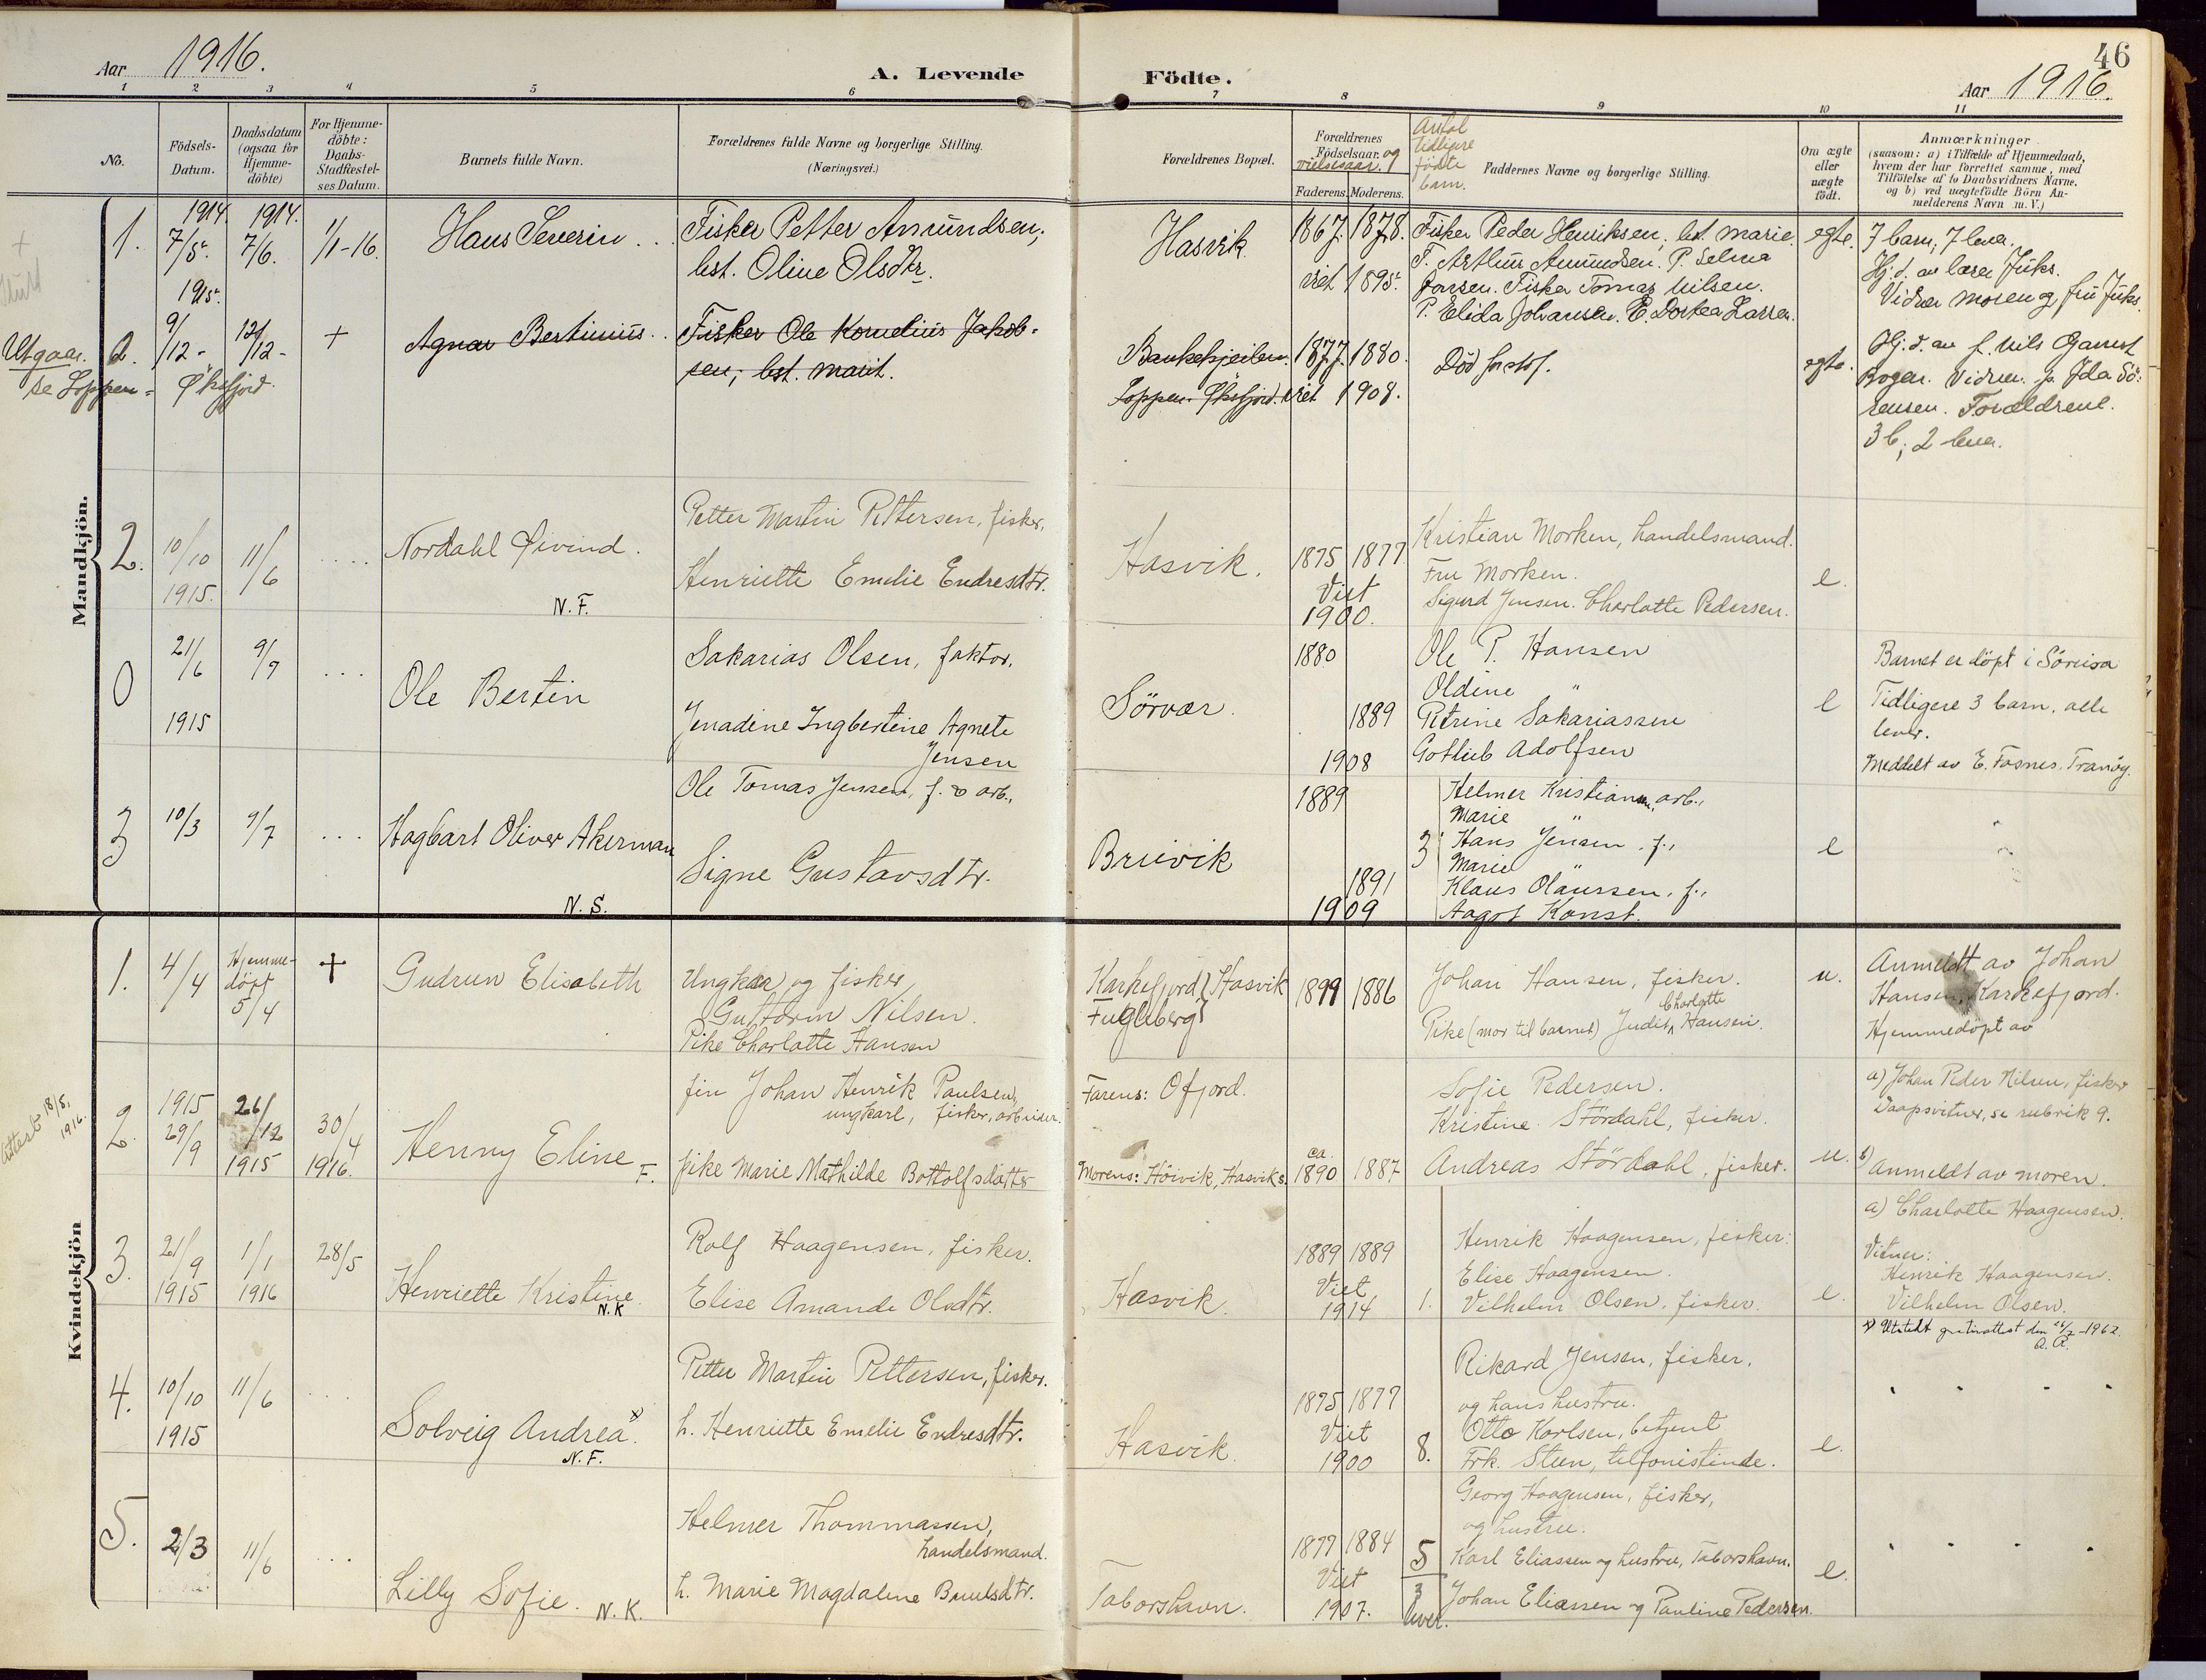 SATØ, Loppa sokneprestkontor, H/Ha/L0010kirke: Ministerialbok nr. 10, 1907-1922, s. 46